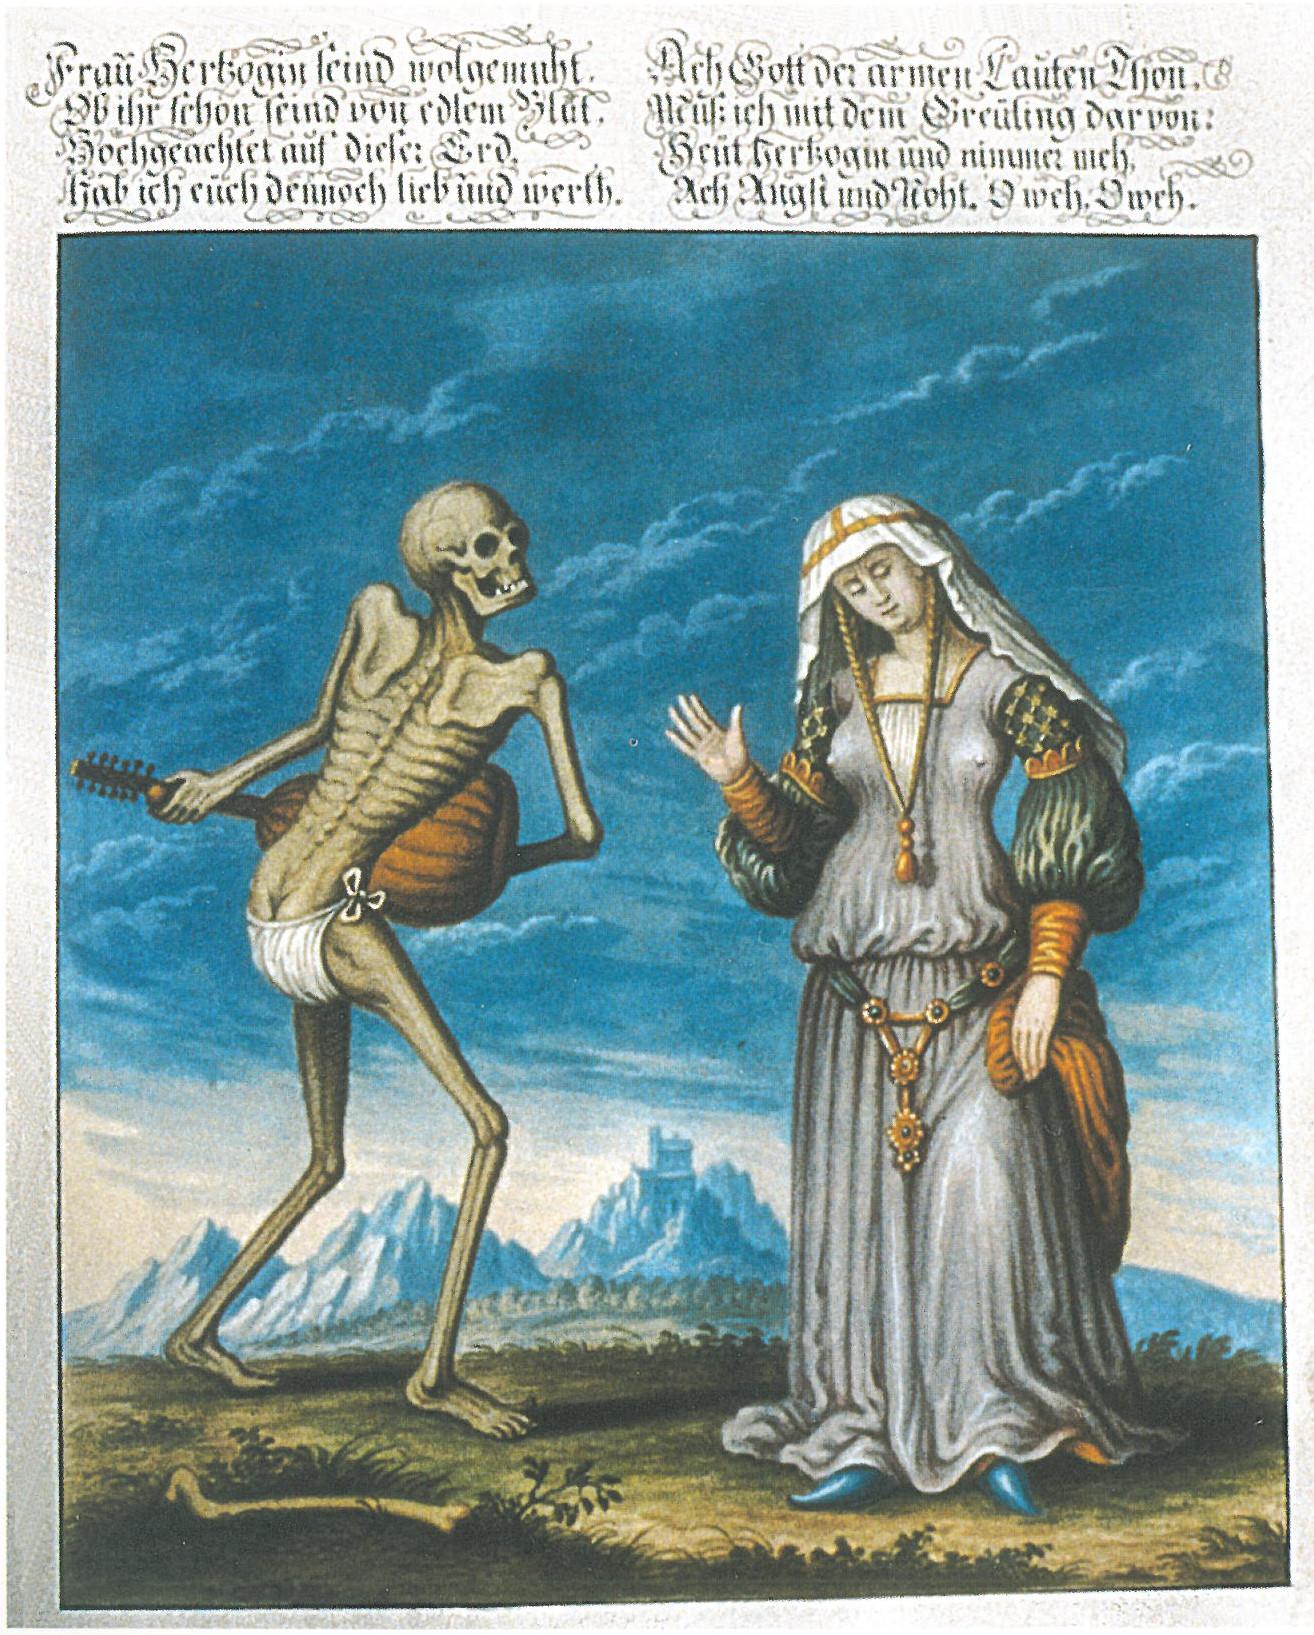 24b5576c546 1805  Destruction de la danse macabre. Des citoyens en récupèrent 26  fragments (23 images et 3 textes). 1806  Reproduction en aquarelle de  Rudolf Feyerabend ...